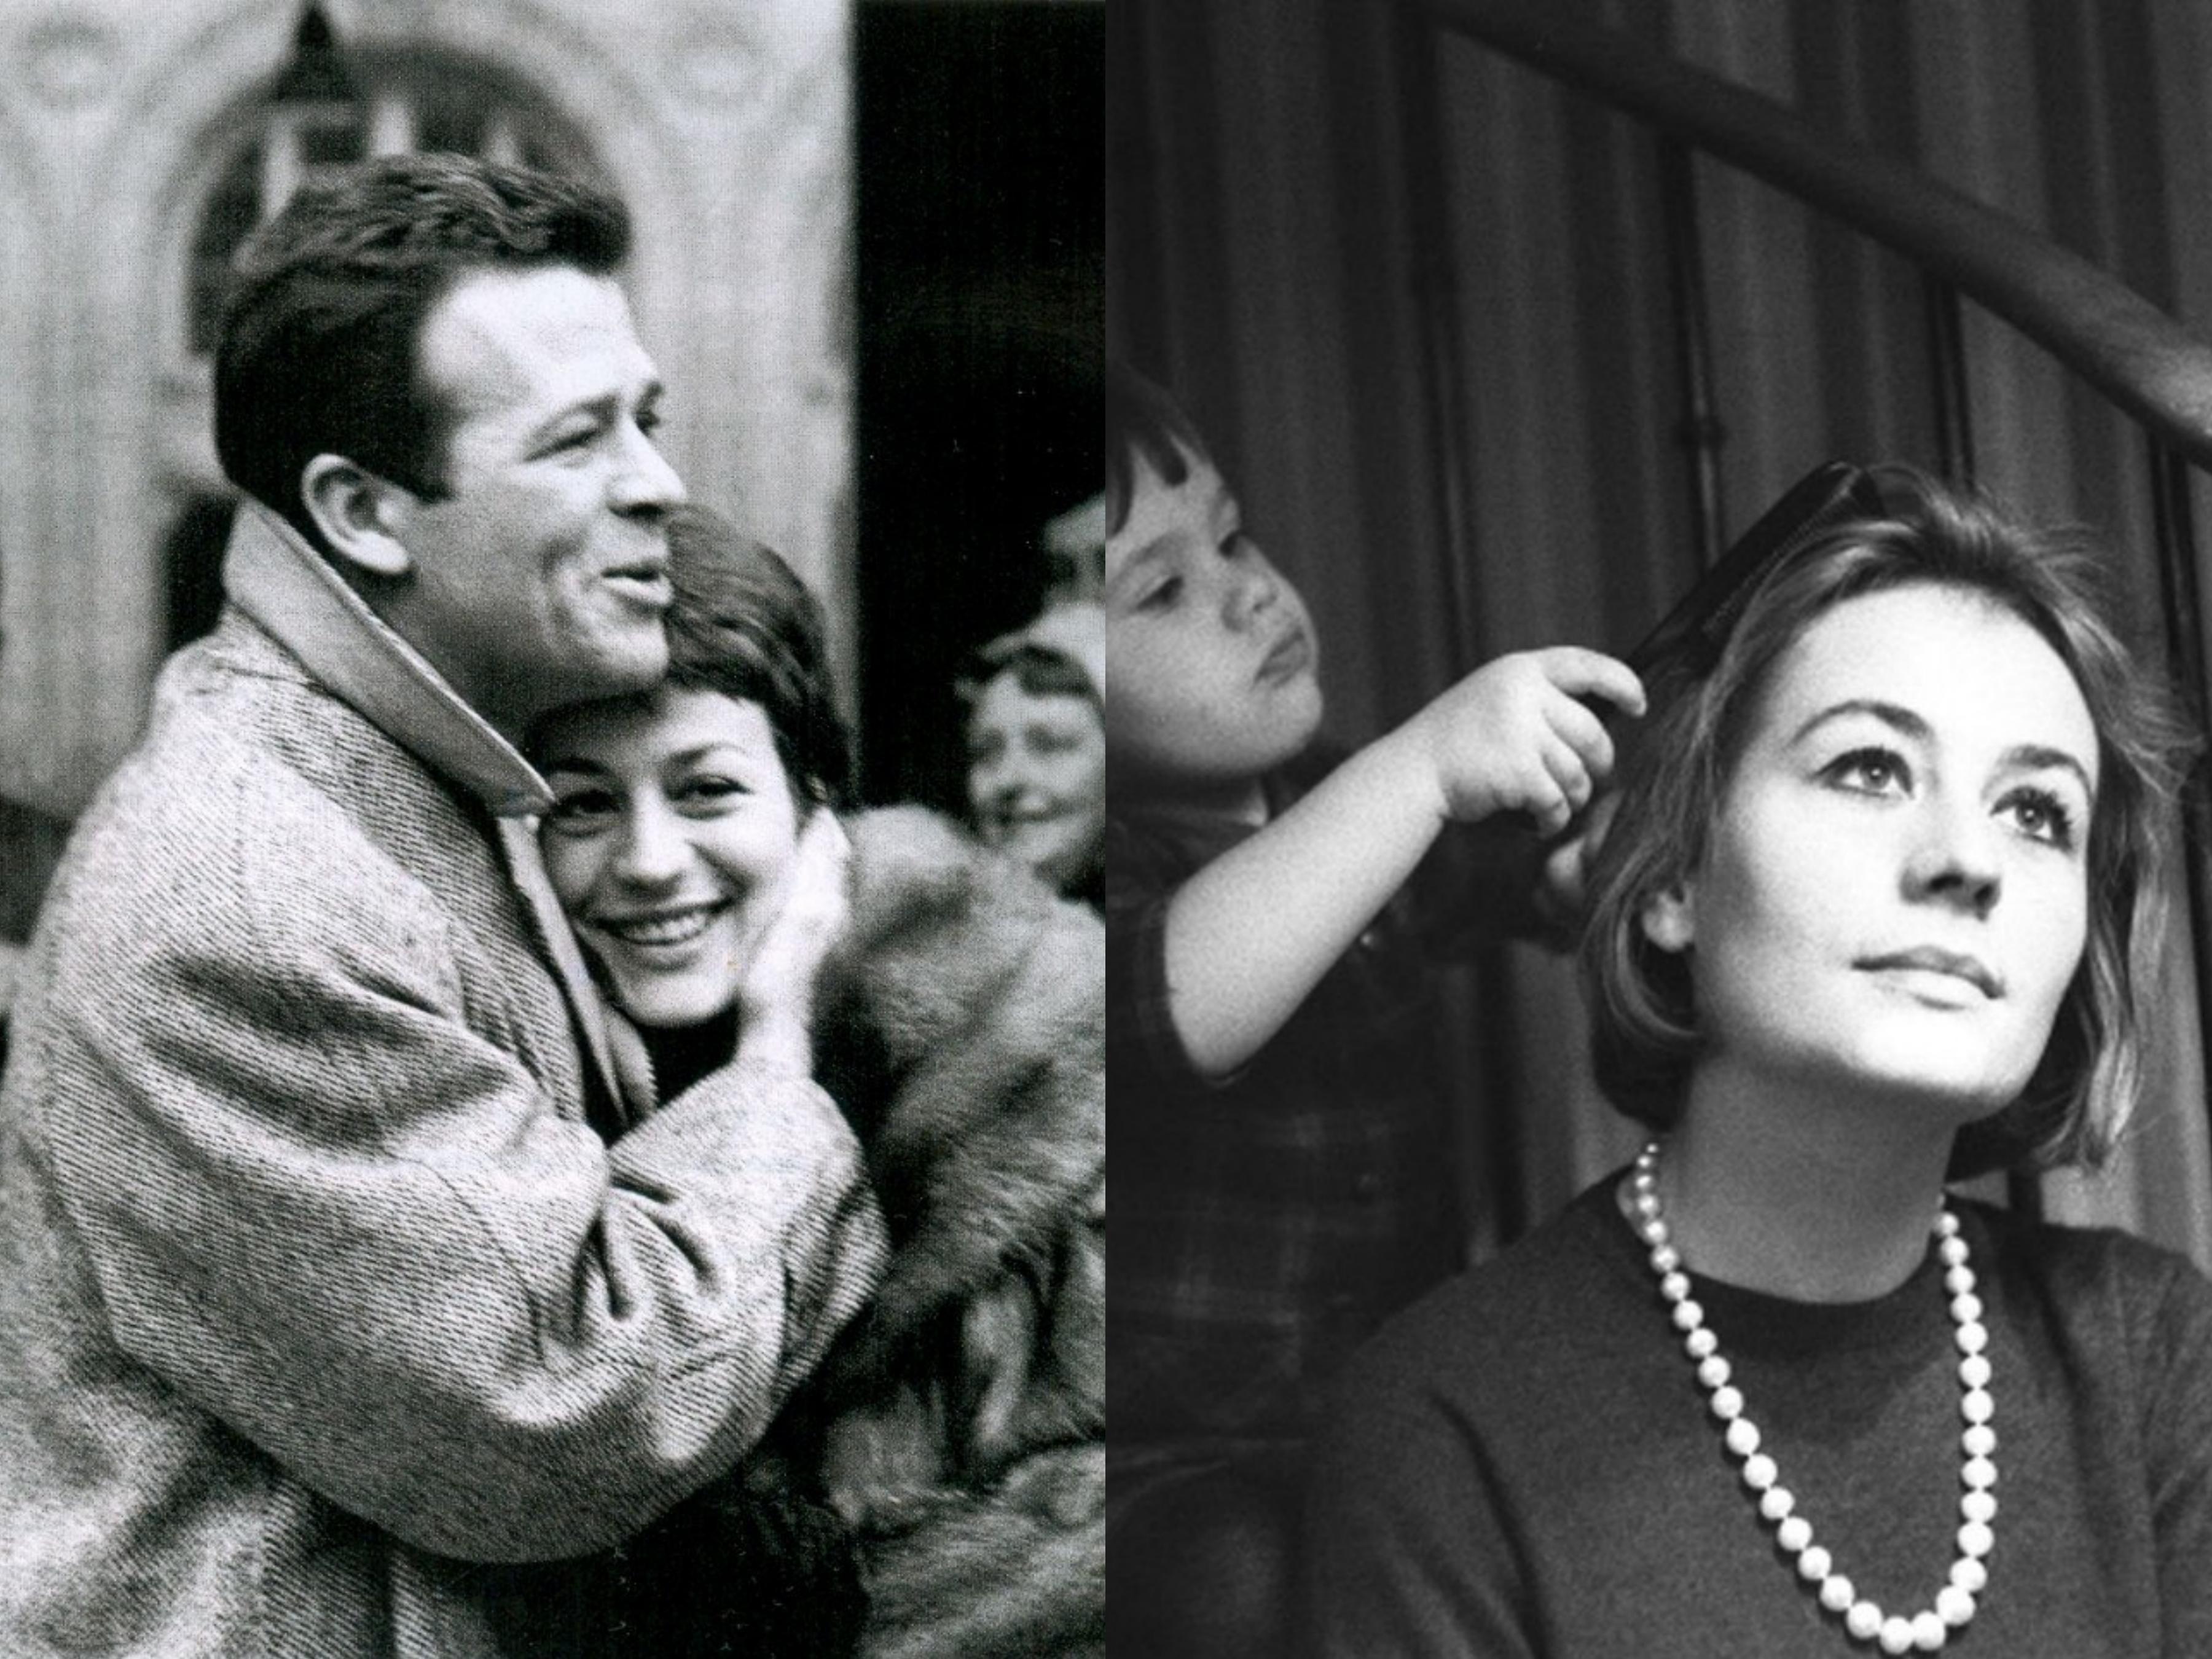 Слева - свадебная фотография Жирардо и Сальватори, справа - Жирардо с дочерью Джулией